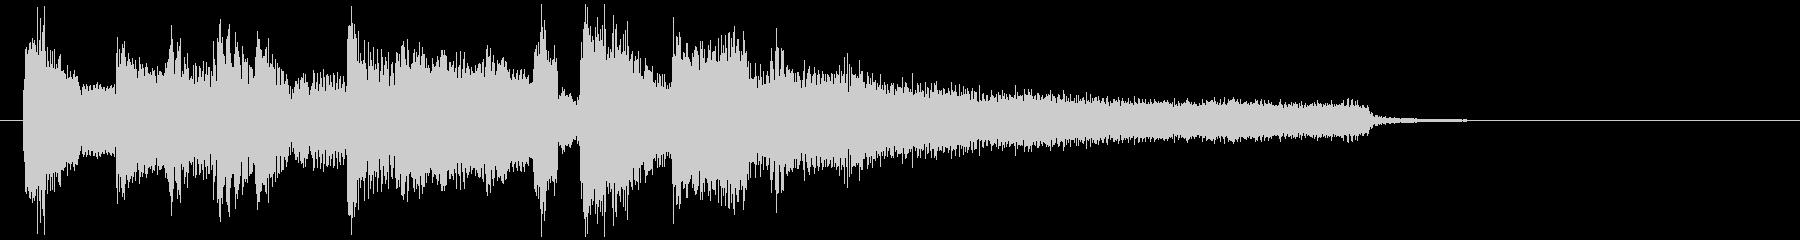 のびやかな笛のボサノバ・ジングル、切なさの未再生の波形